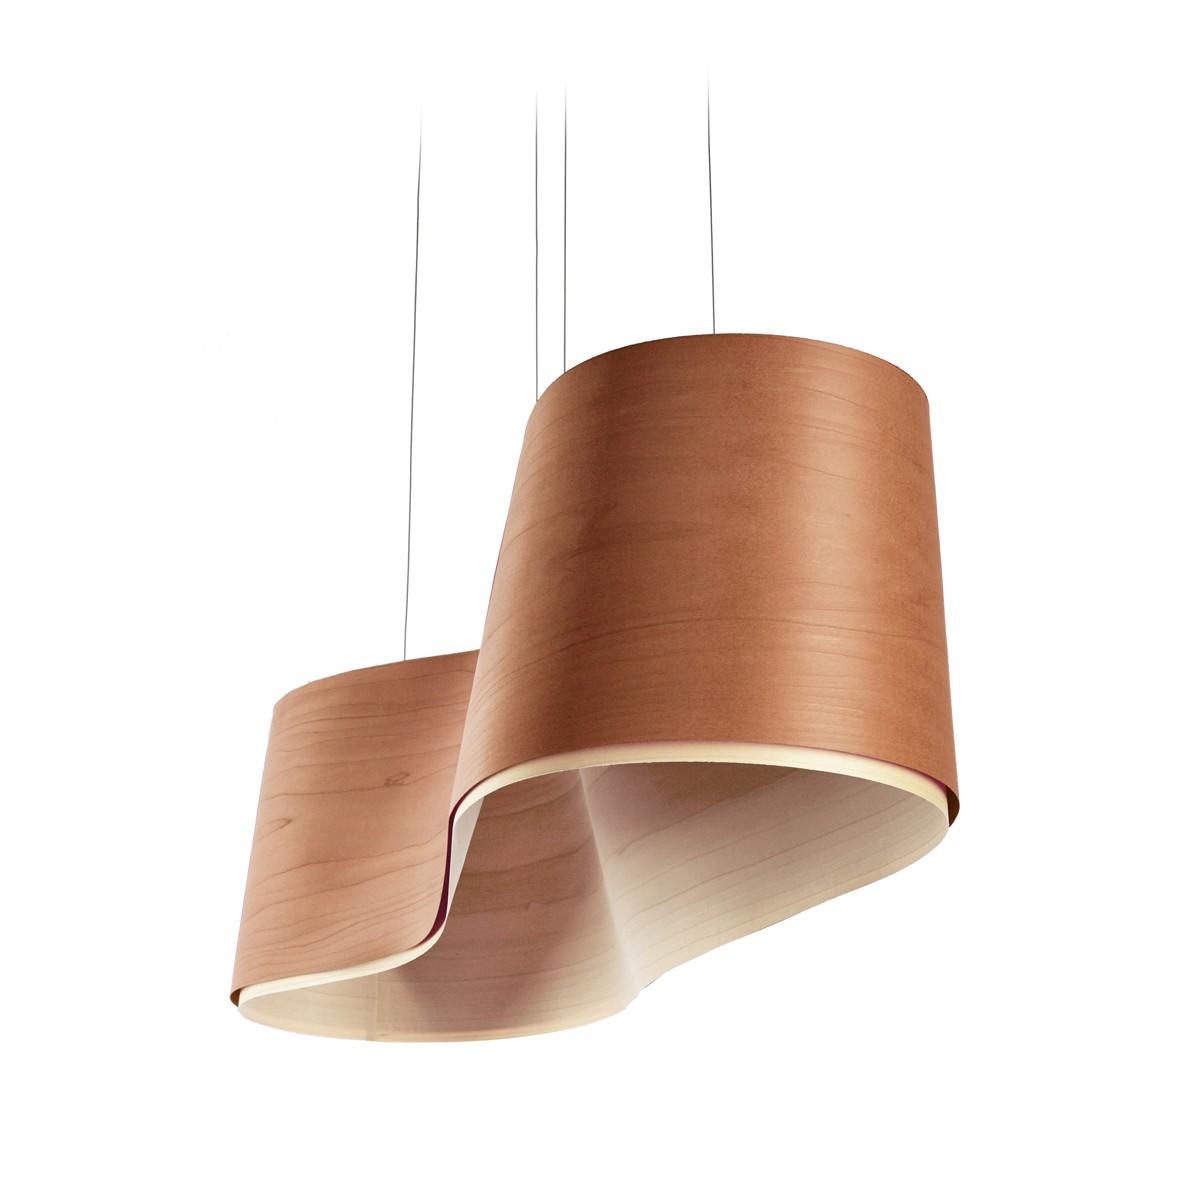 LZF Lamps New Wave LED Pendelleuchte, Kirsche, innen: elfenbeinweiß